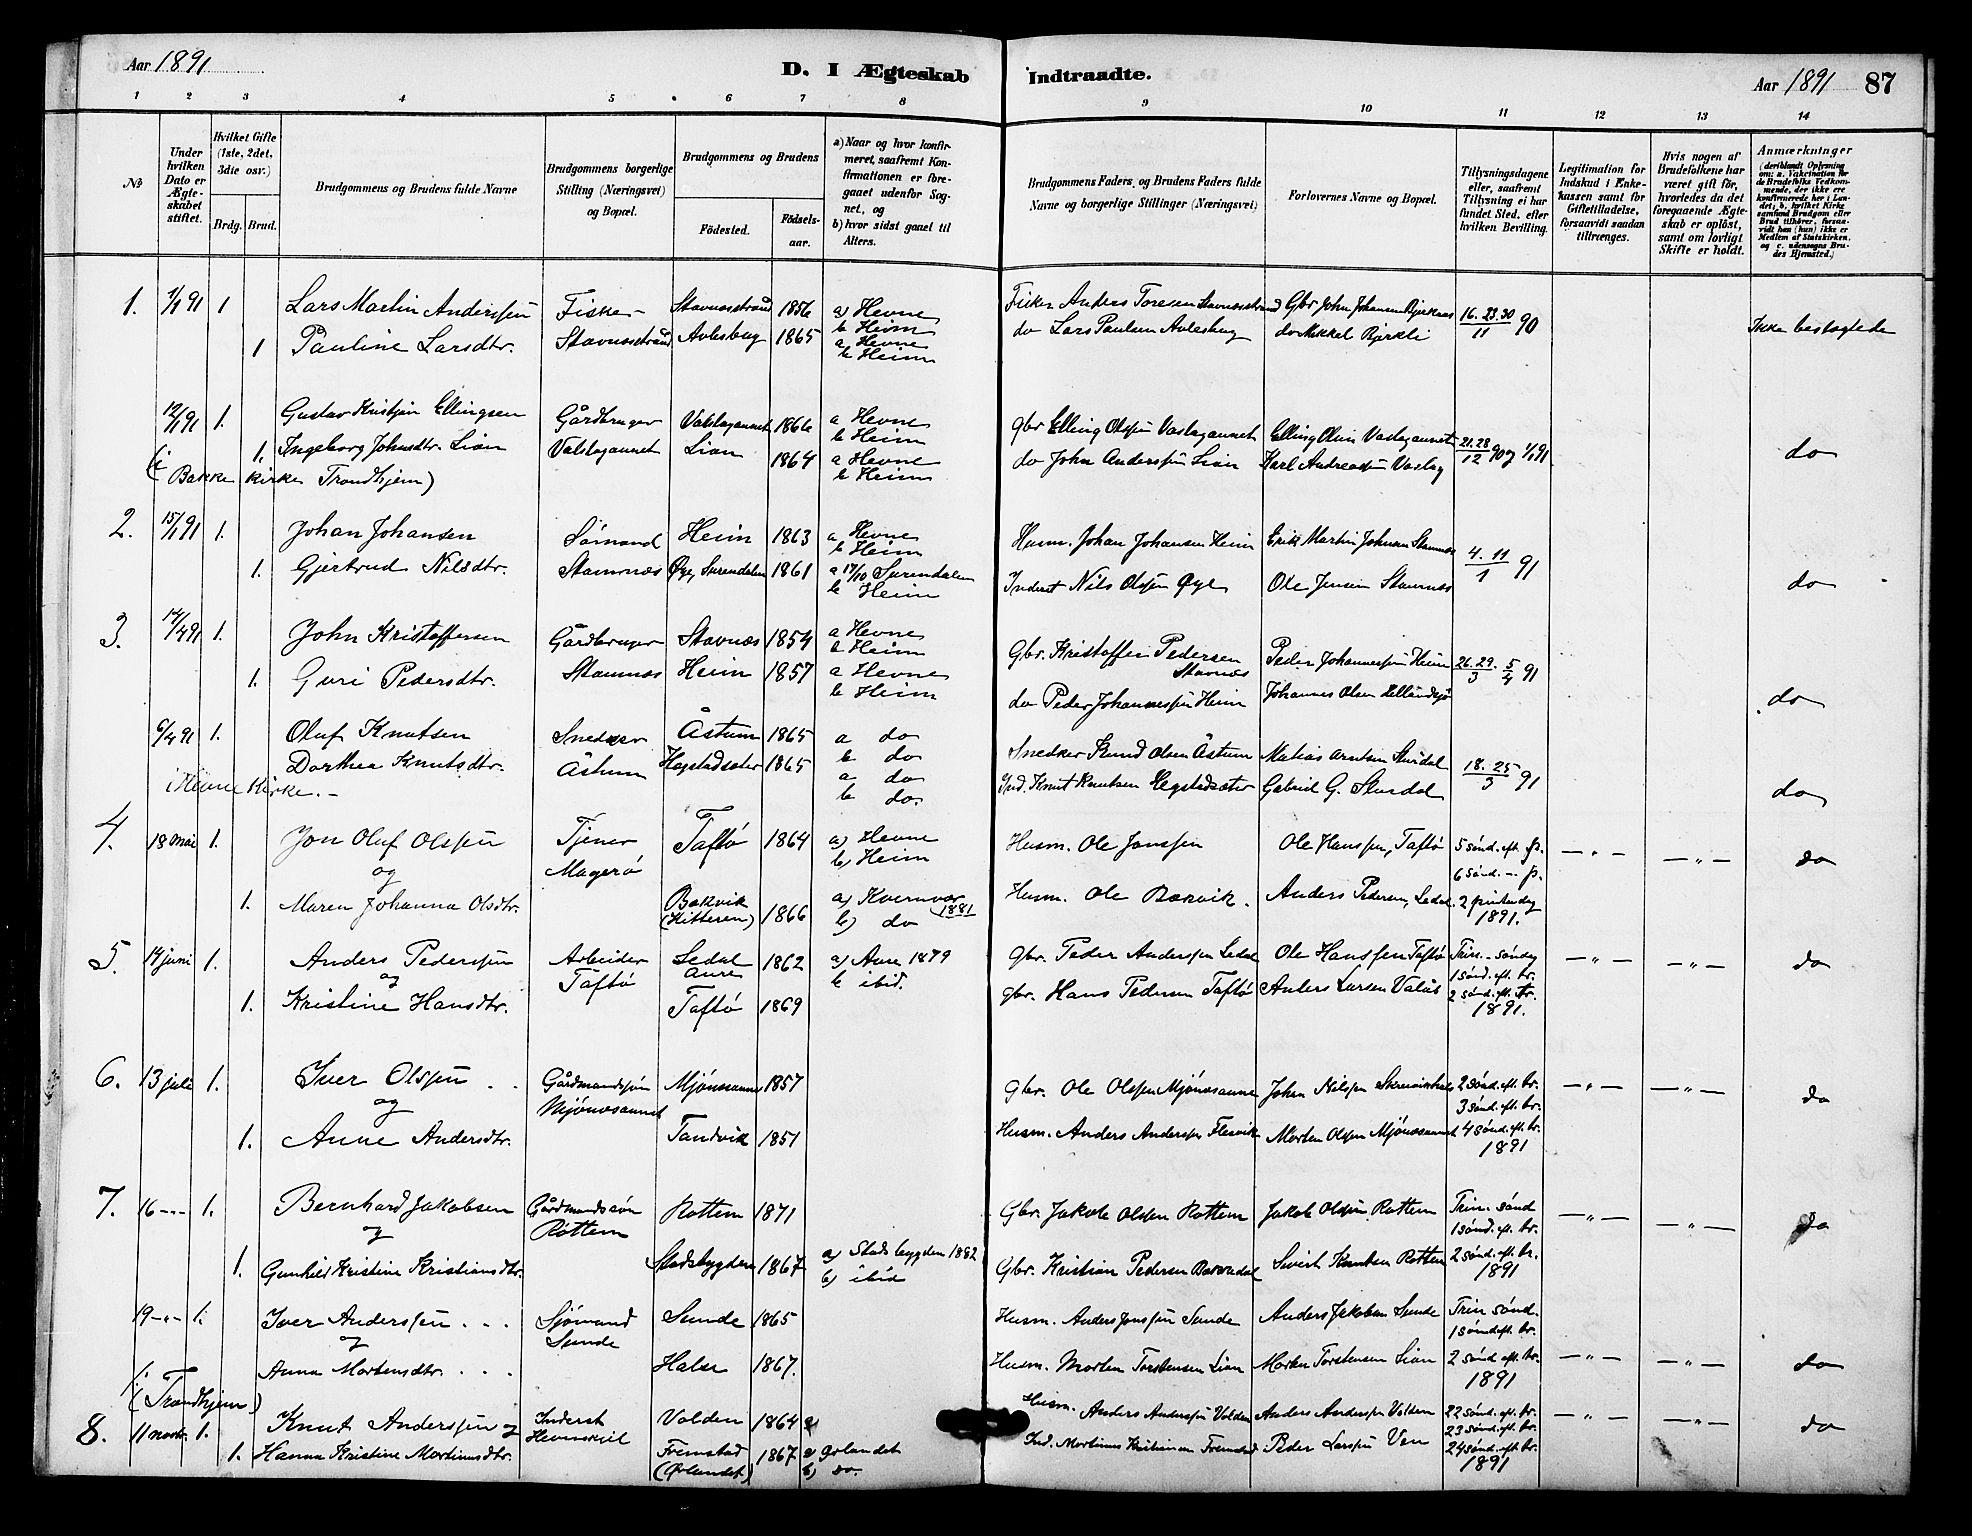 SAT, Ministerialprotokoller, klokkerbøker og fødselsregistre - Sør-Trøndelag, 633/L0519: Klokkerbok nr. 633C01, 1884-1905, s. 87